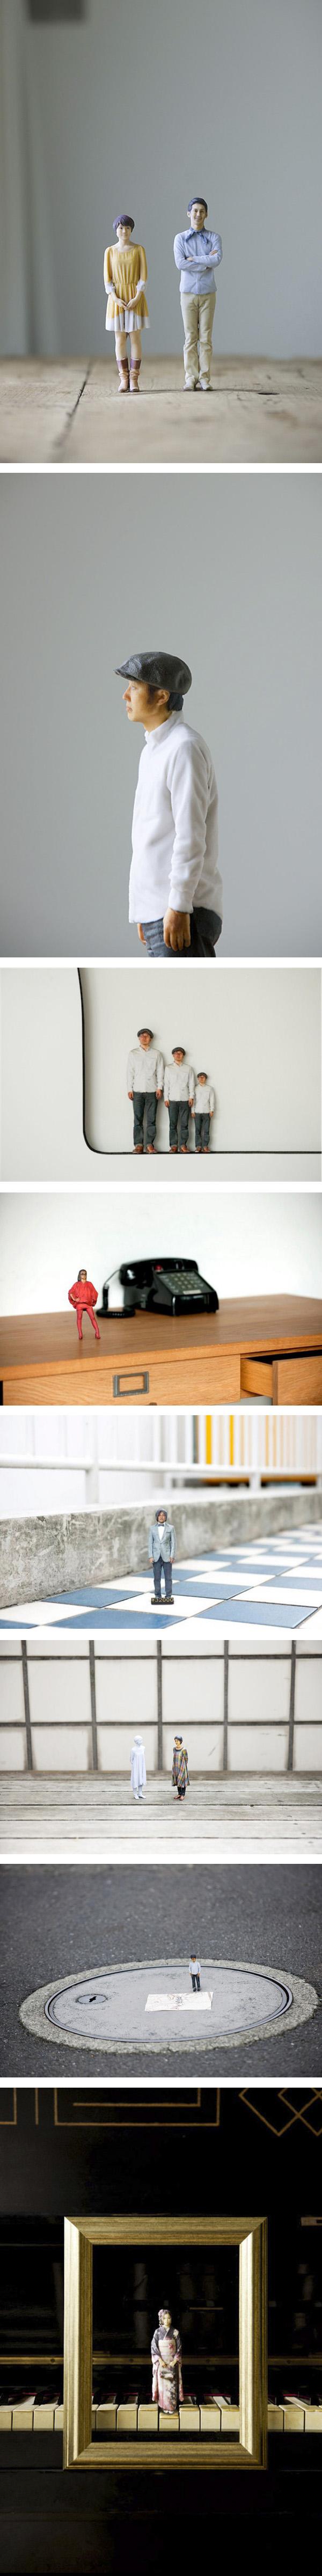 Miniaturas 3D